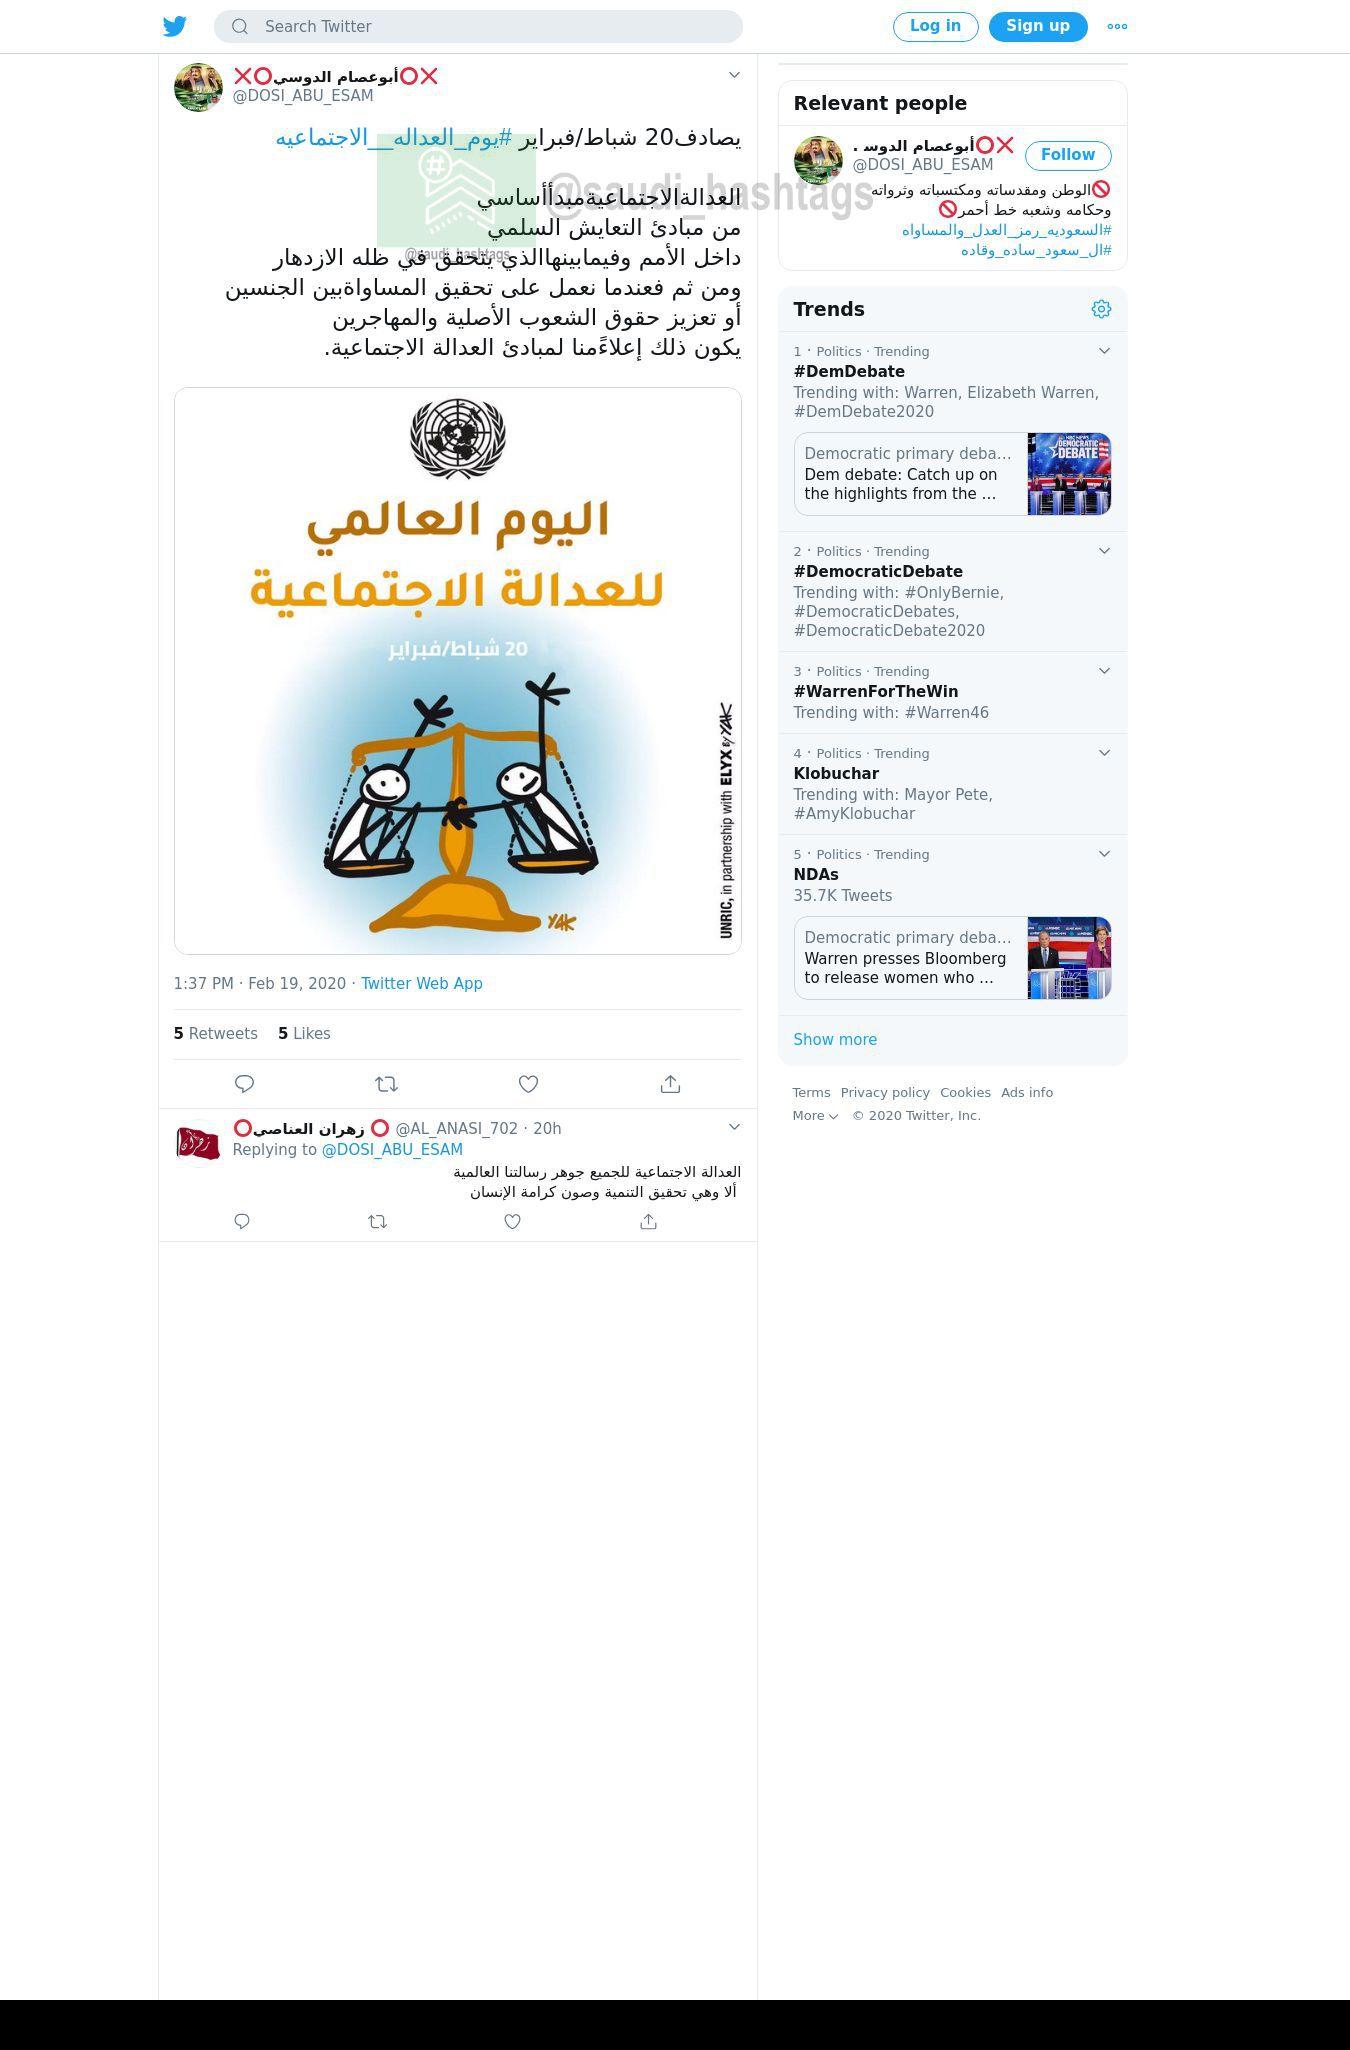 لقطة لاول تغريدة في هاشتاق #يوم_العداله__الاجتماعيه